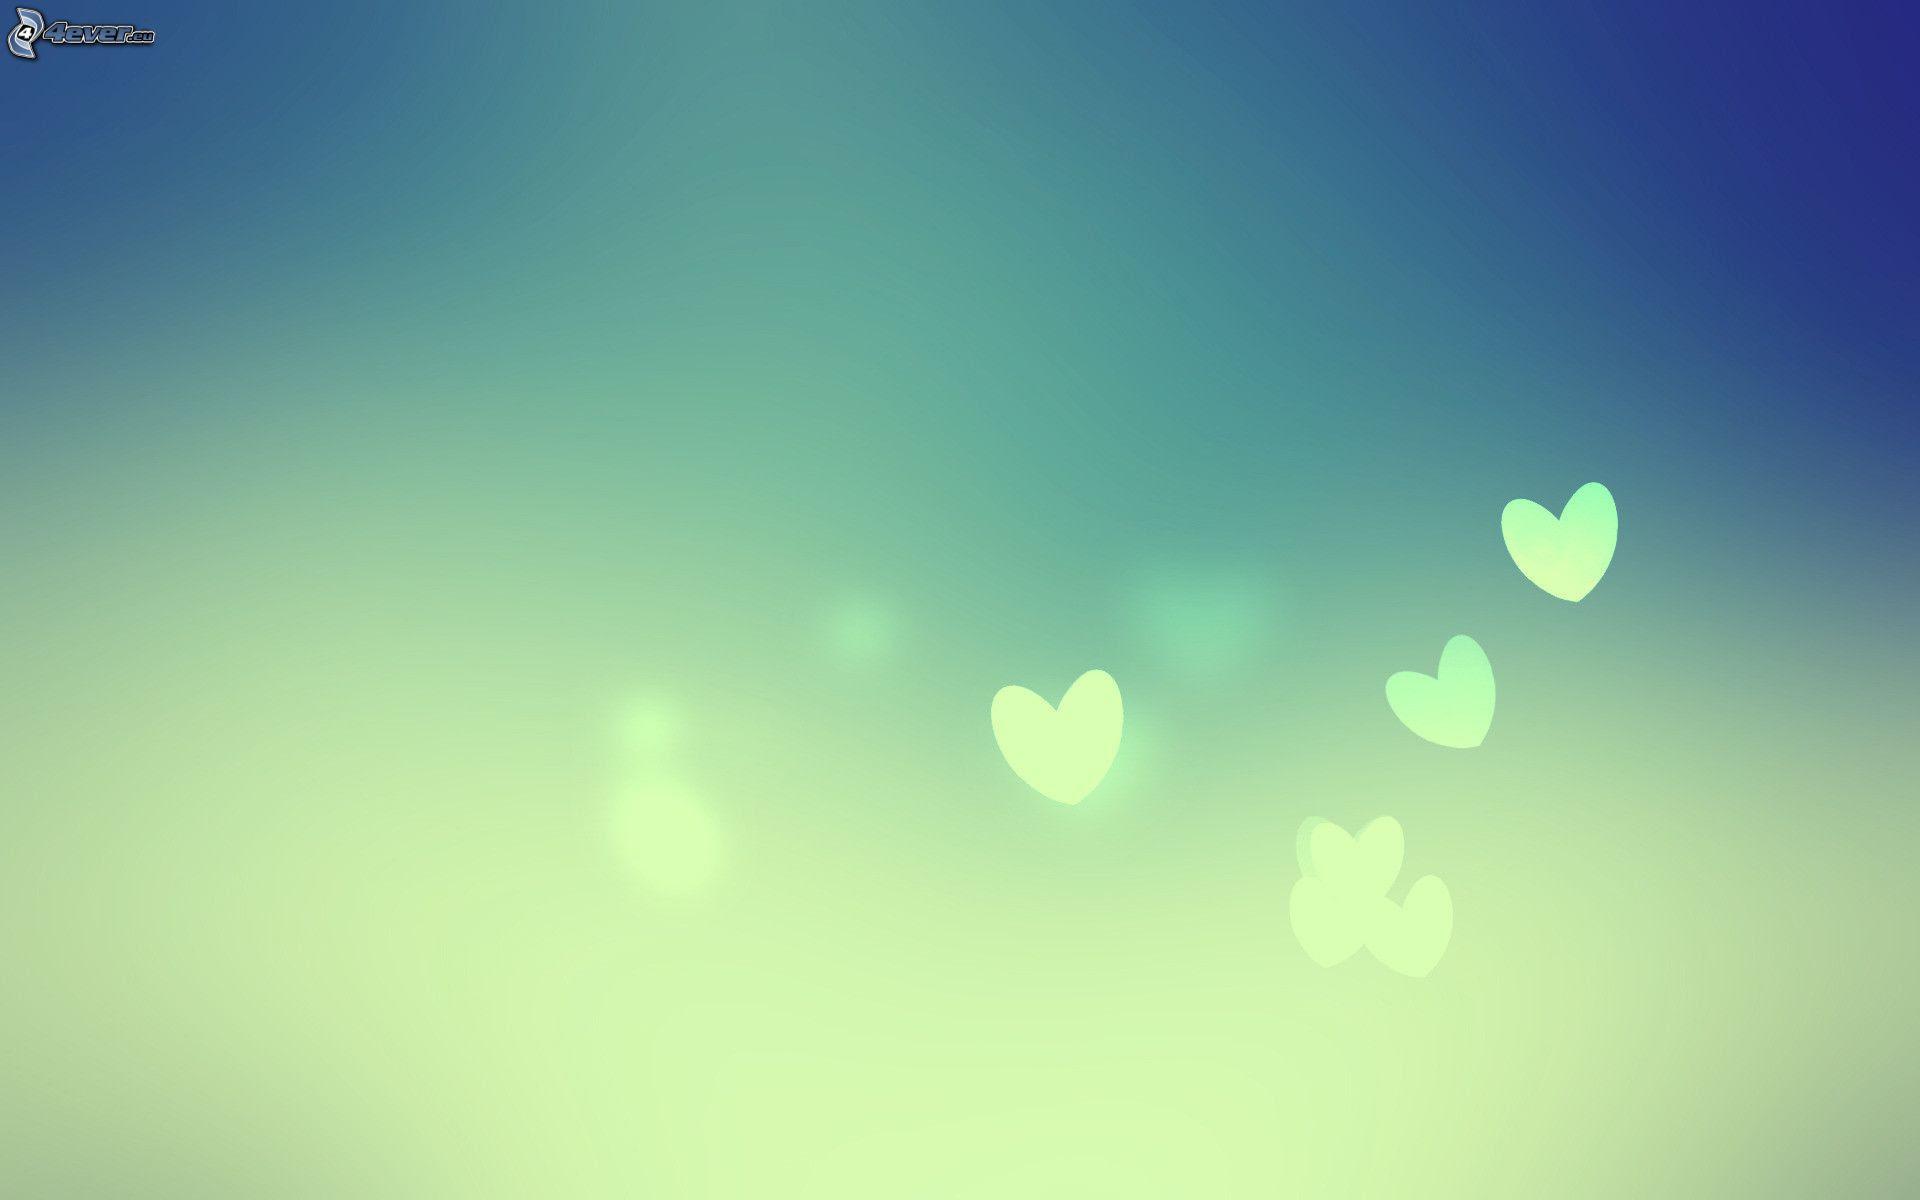 Imágenes para Whatsapp de Amor